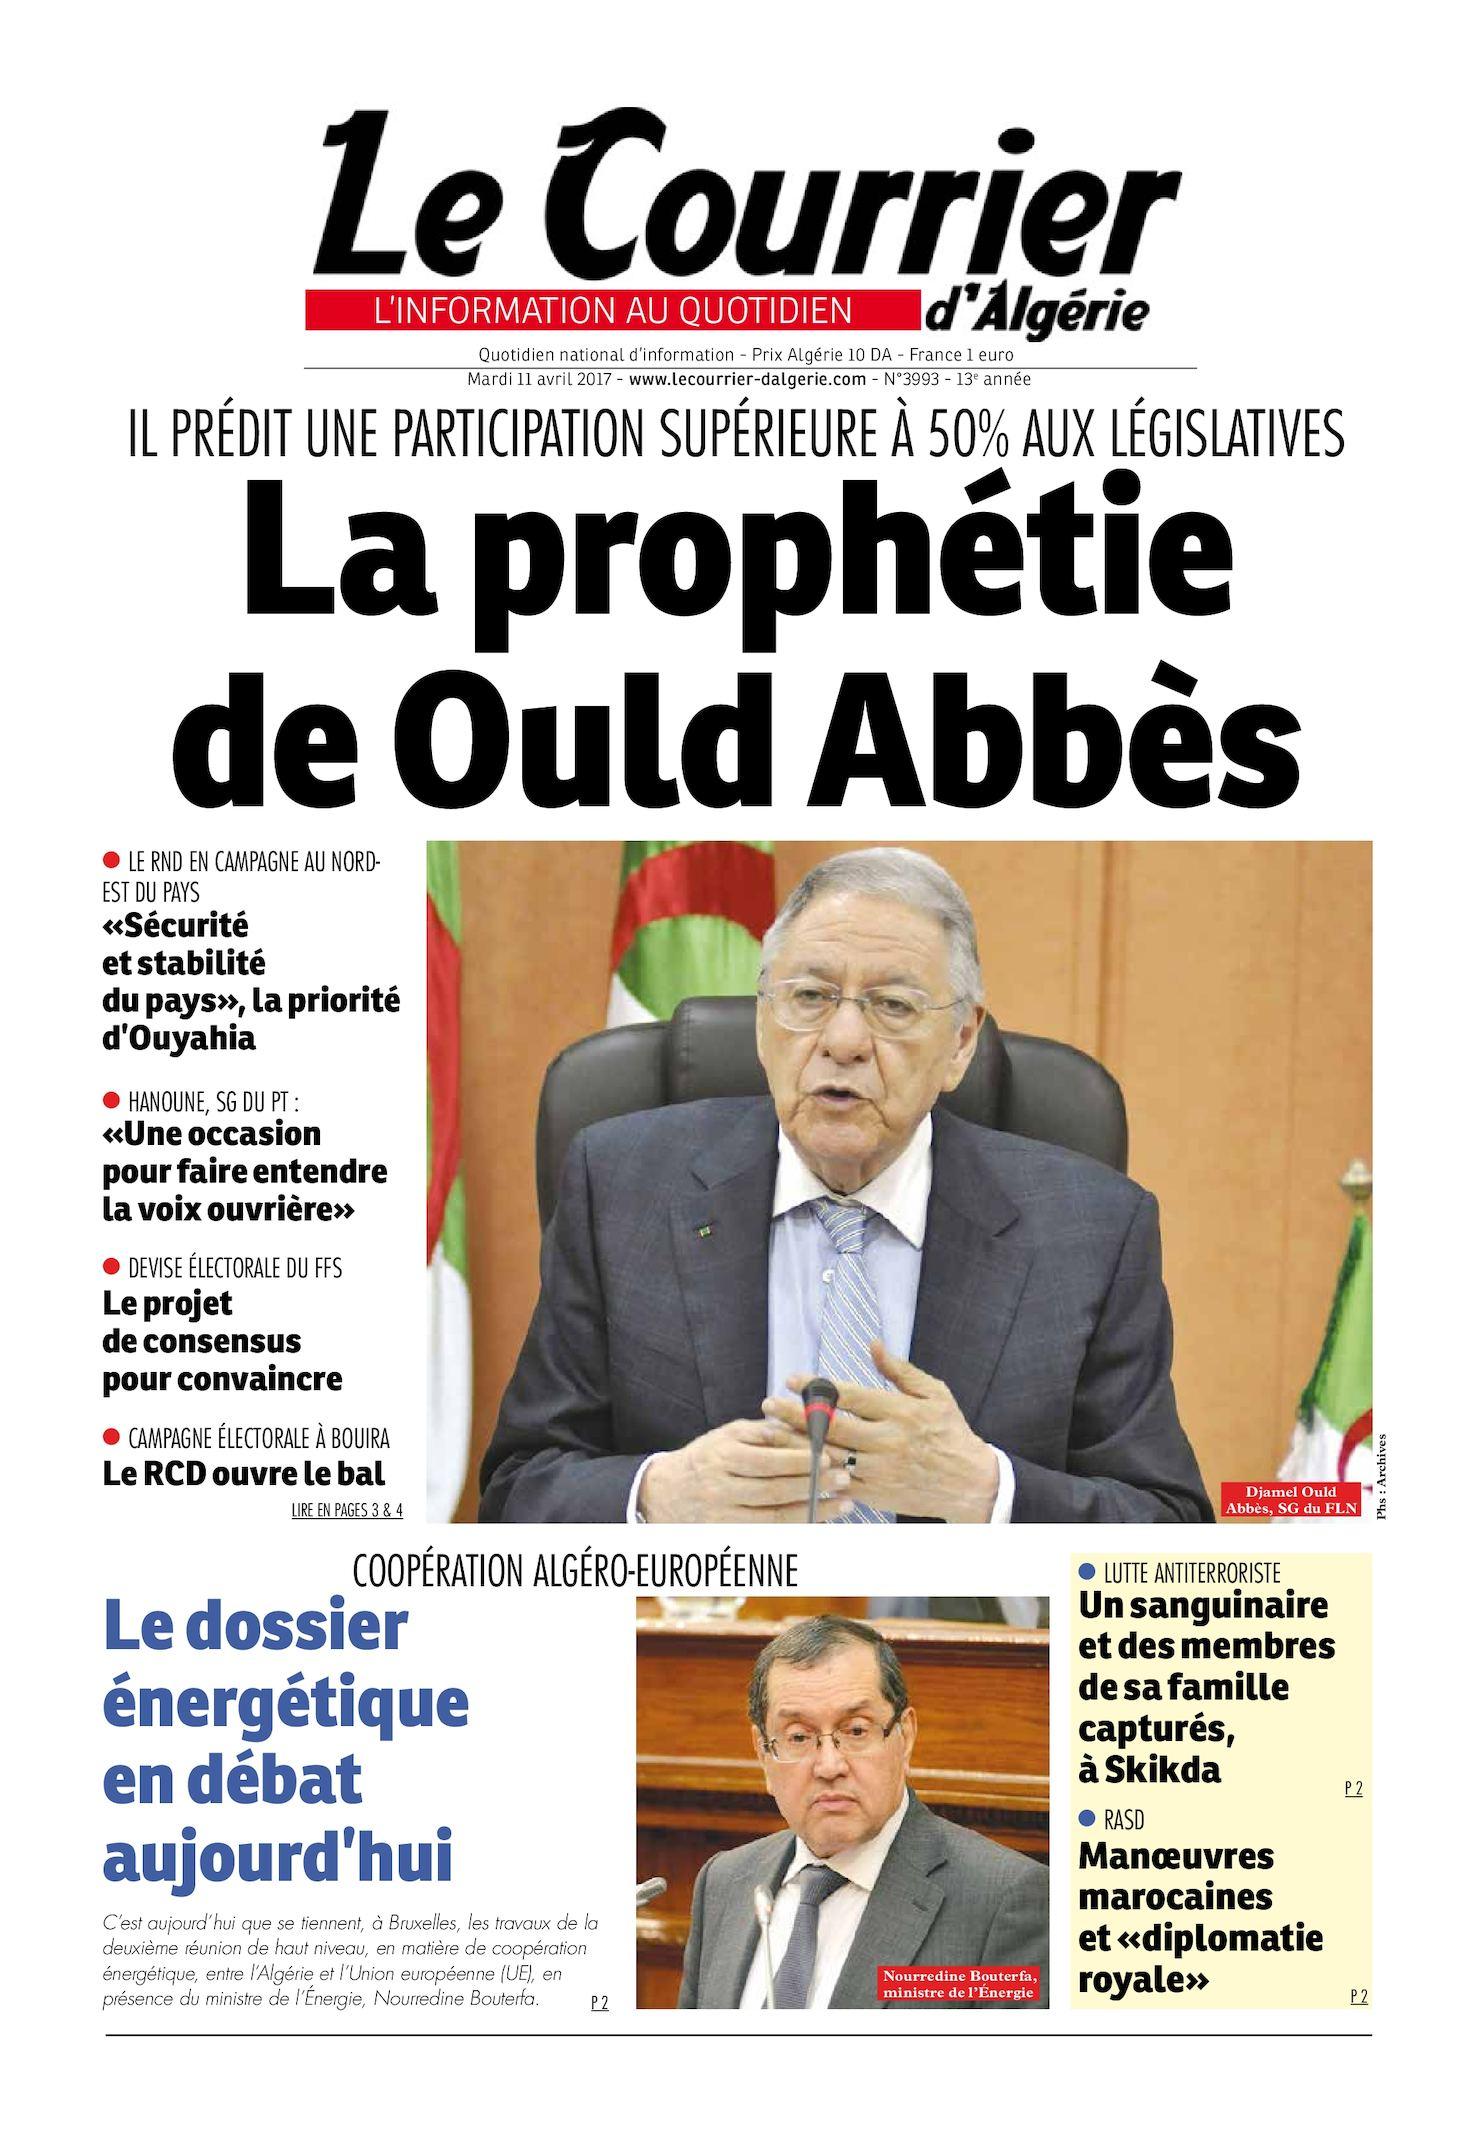 Le Courrier D'Algérie Du Mardi 11 Avril 2017